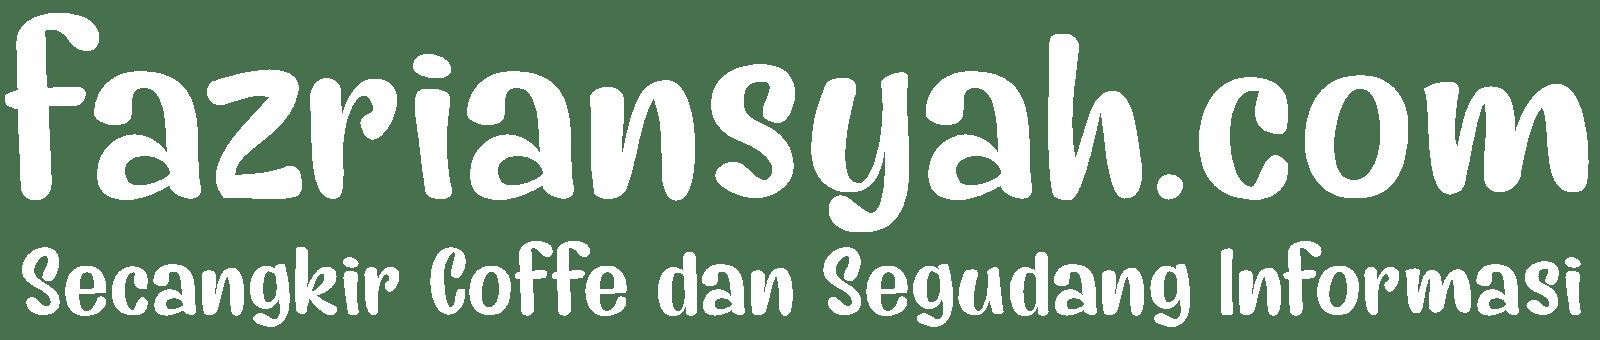 fazriansyah.com